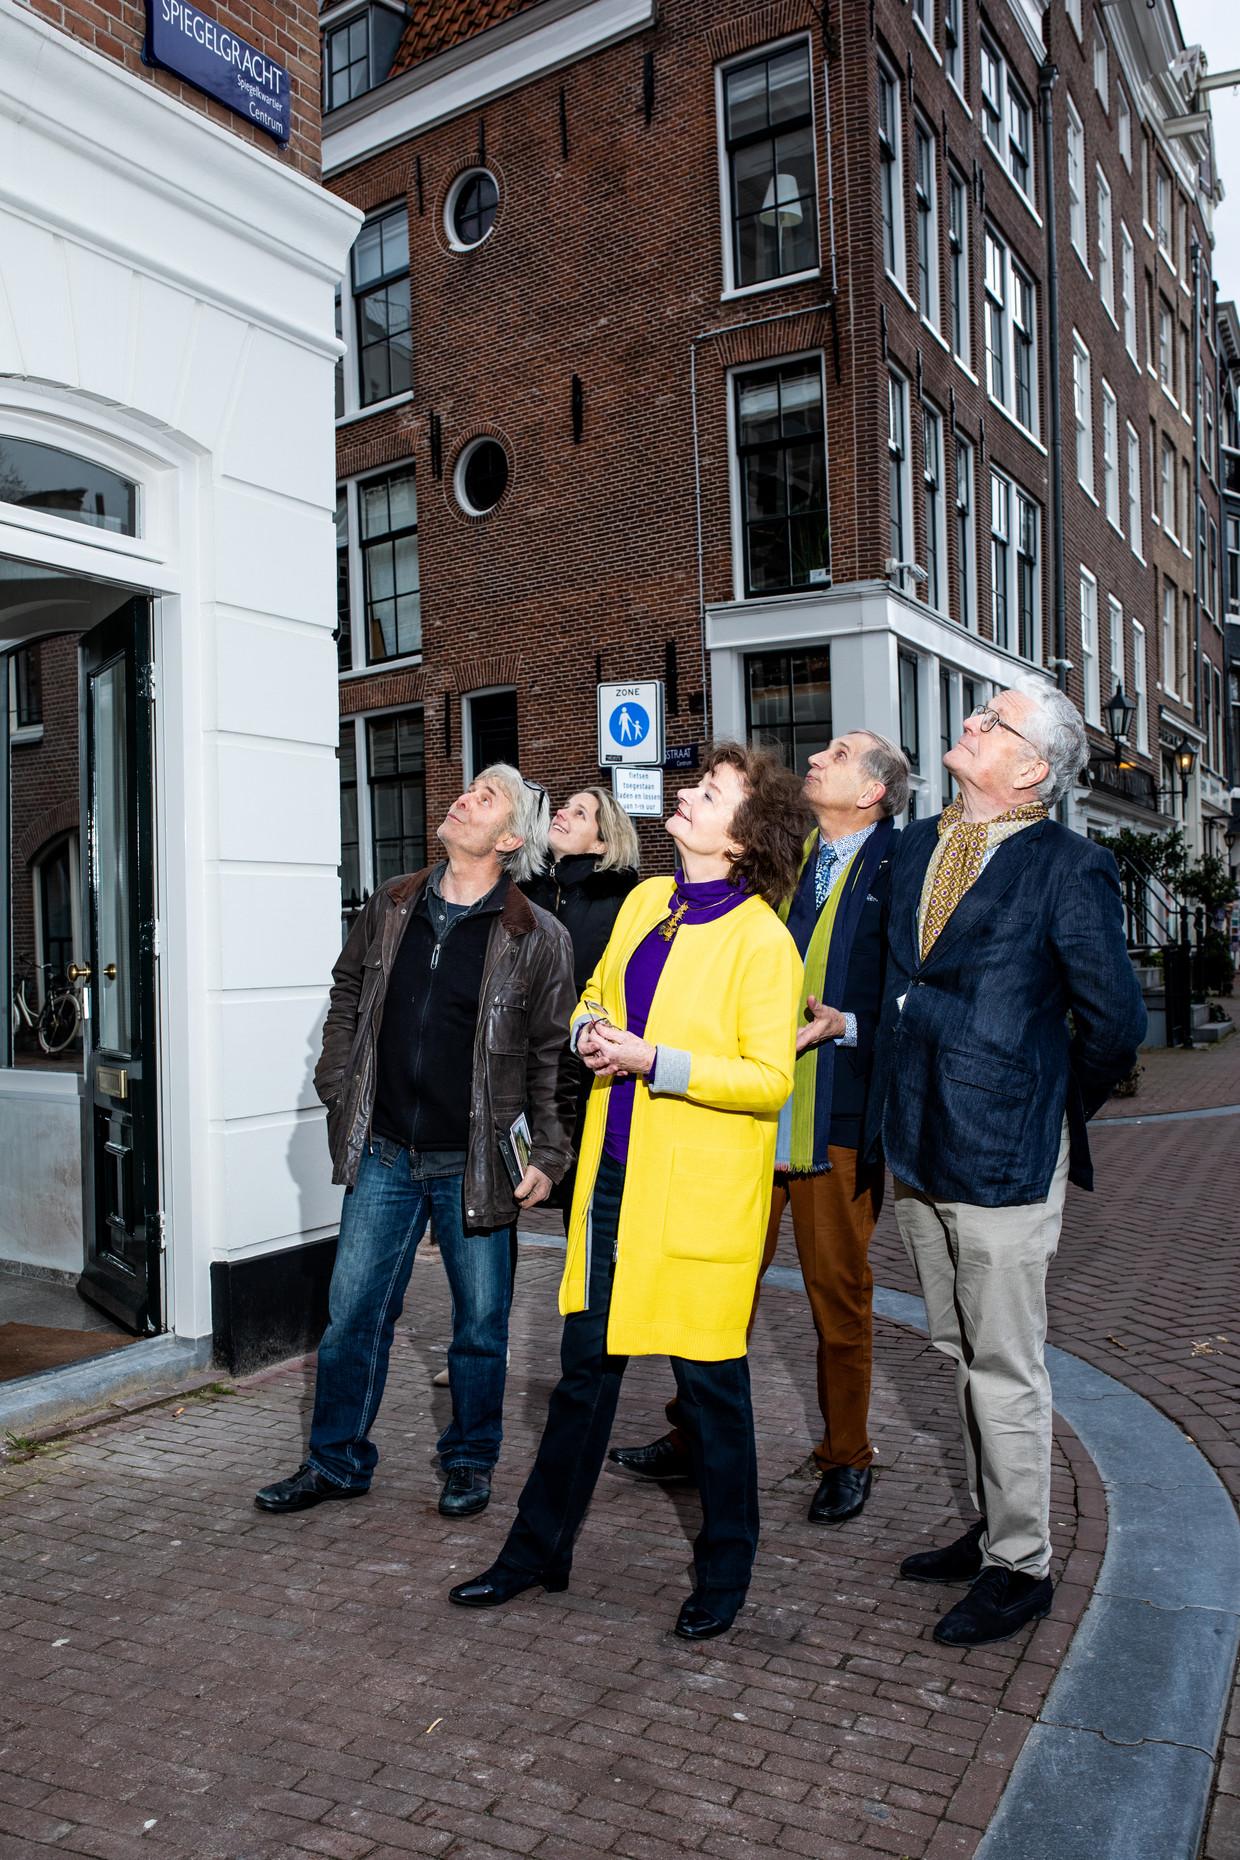 Tobias Snoep (links), Anneke Schat (in het geel), Rudolph Schat (achter haar) en Boudewijn Jansen (rechts) bekijken de gevelsteen na de onthulling. Beeld Nosh Neneh